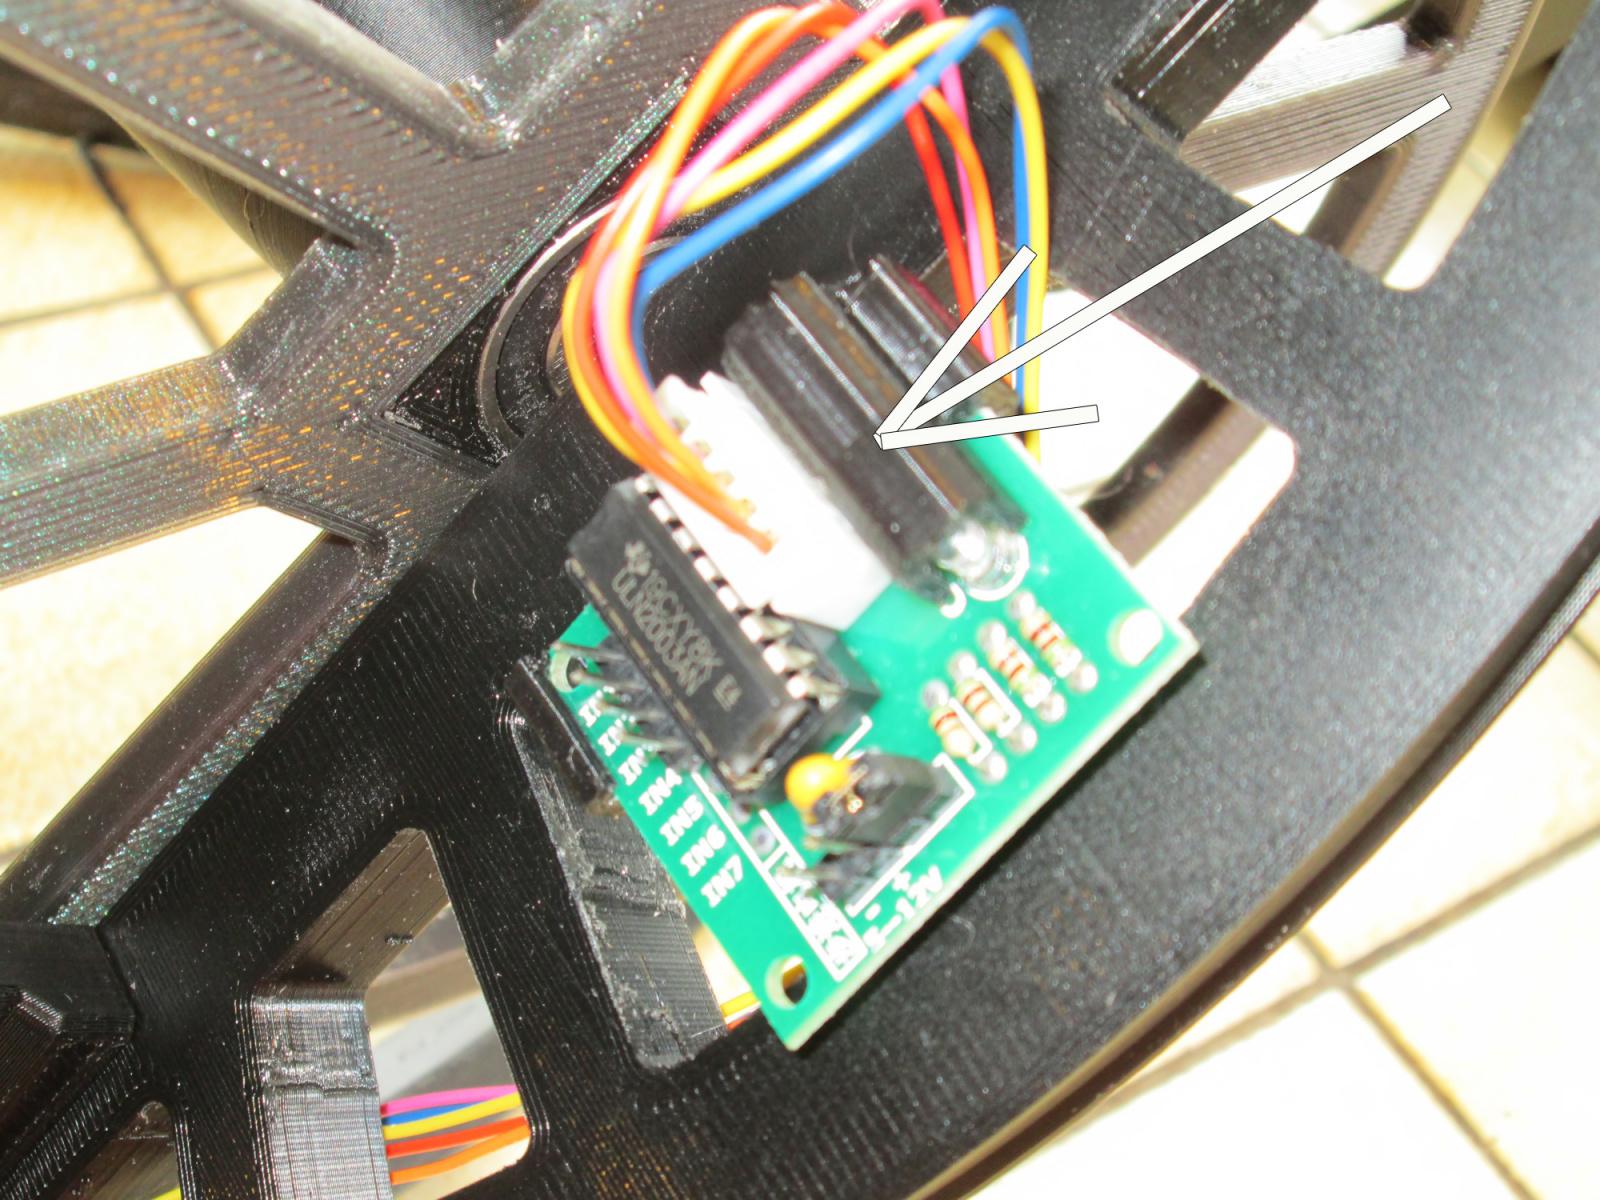 led.thumb.jpg.41f541583642a334bf6fdb361ab4894c.jpg